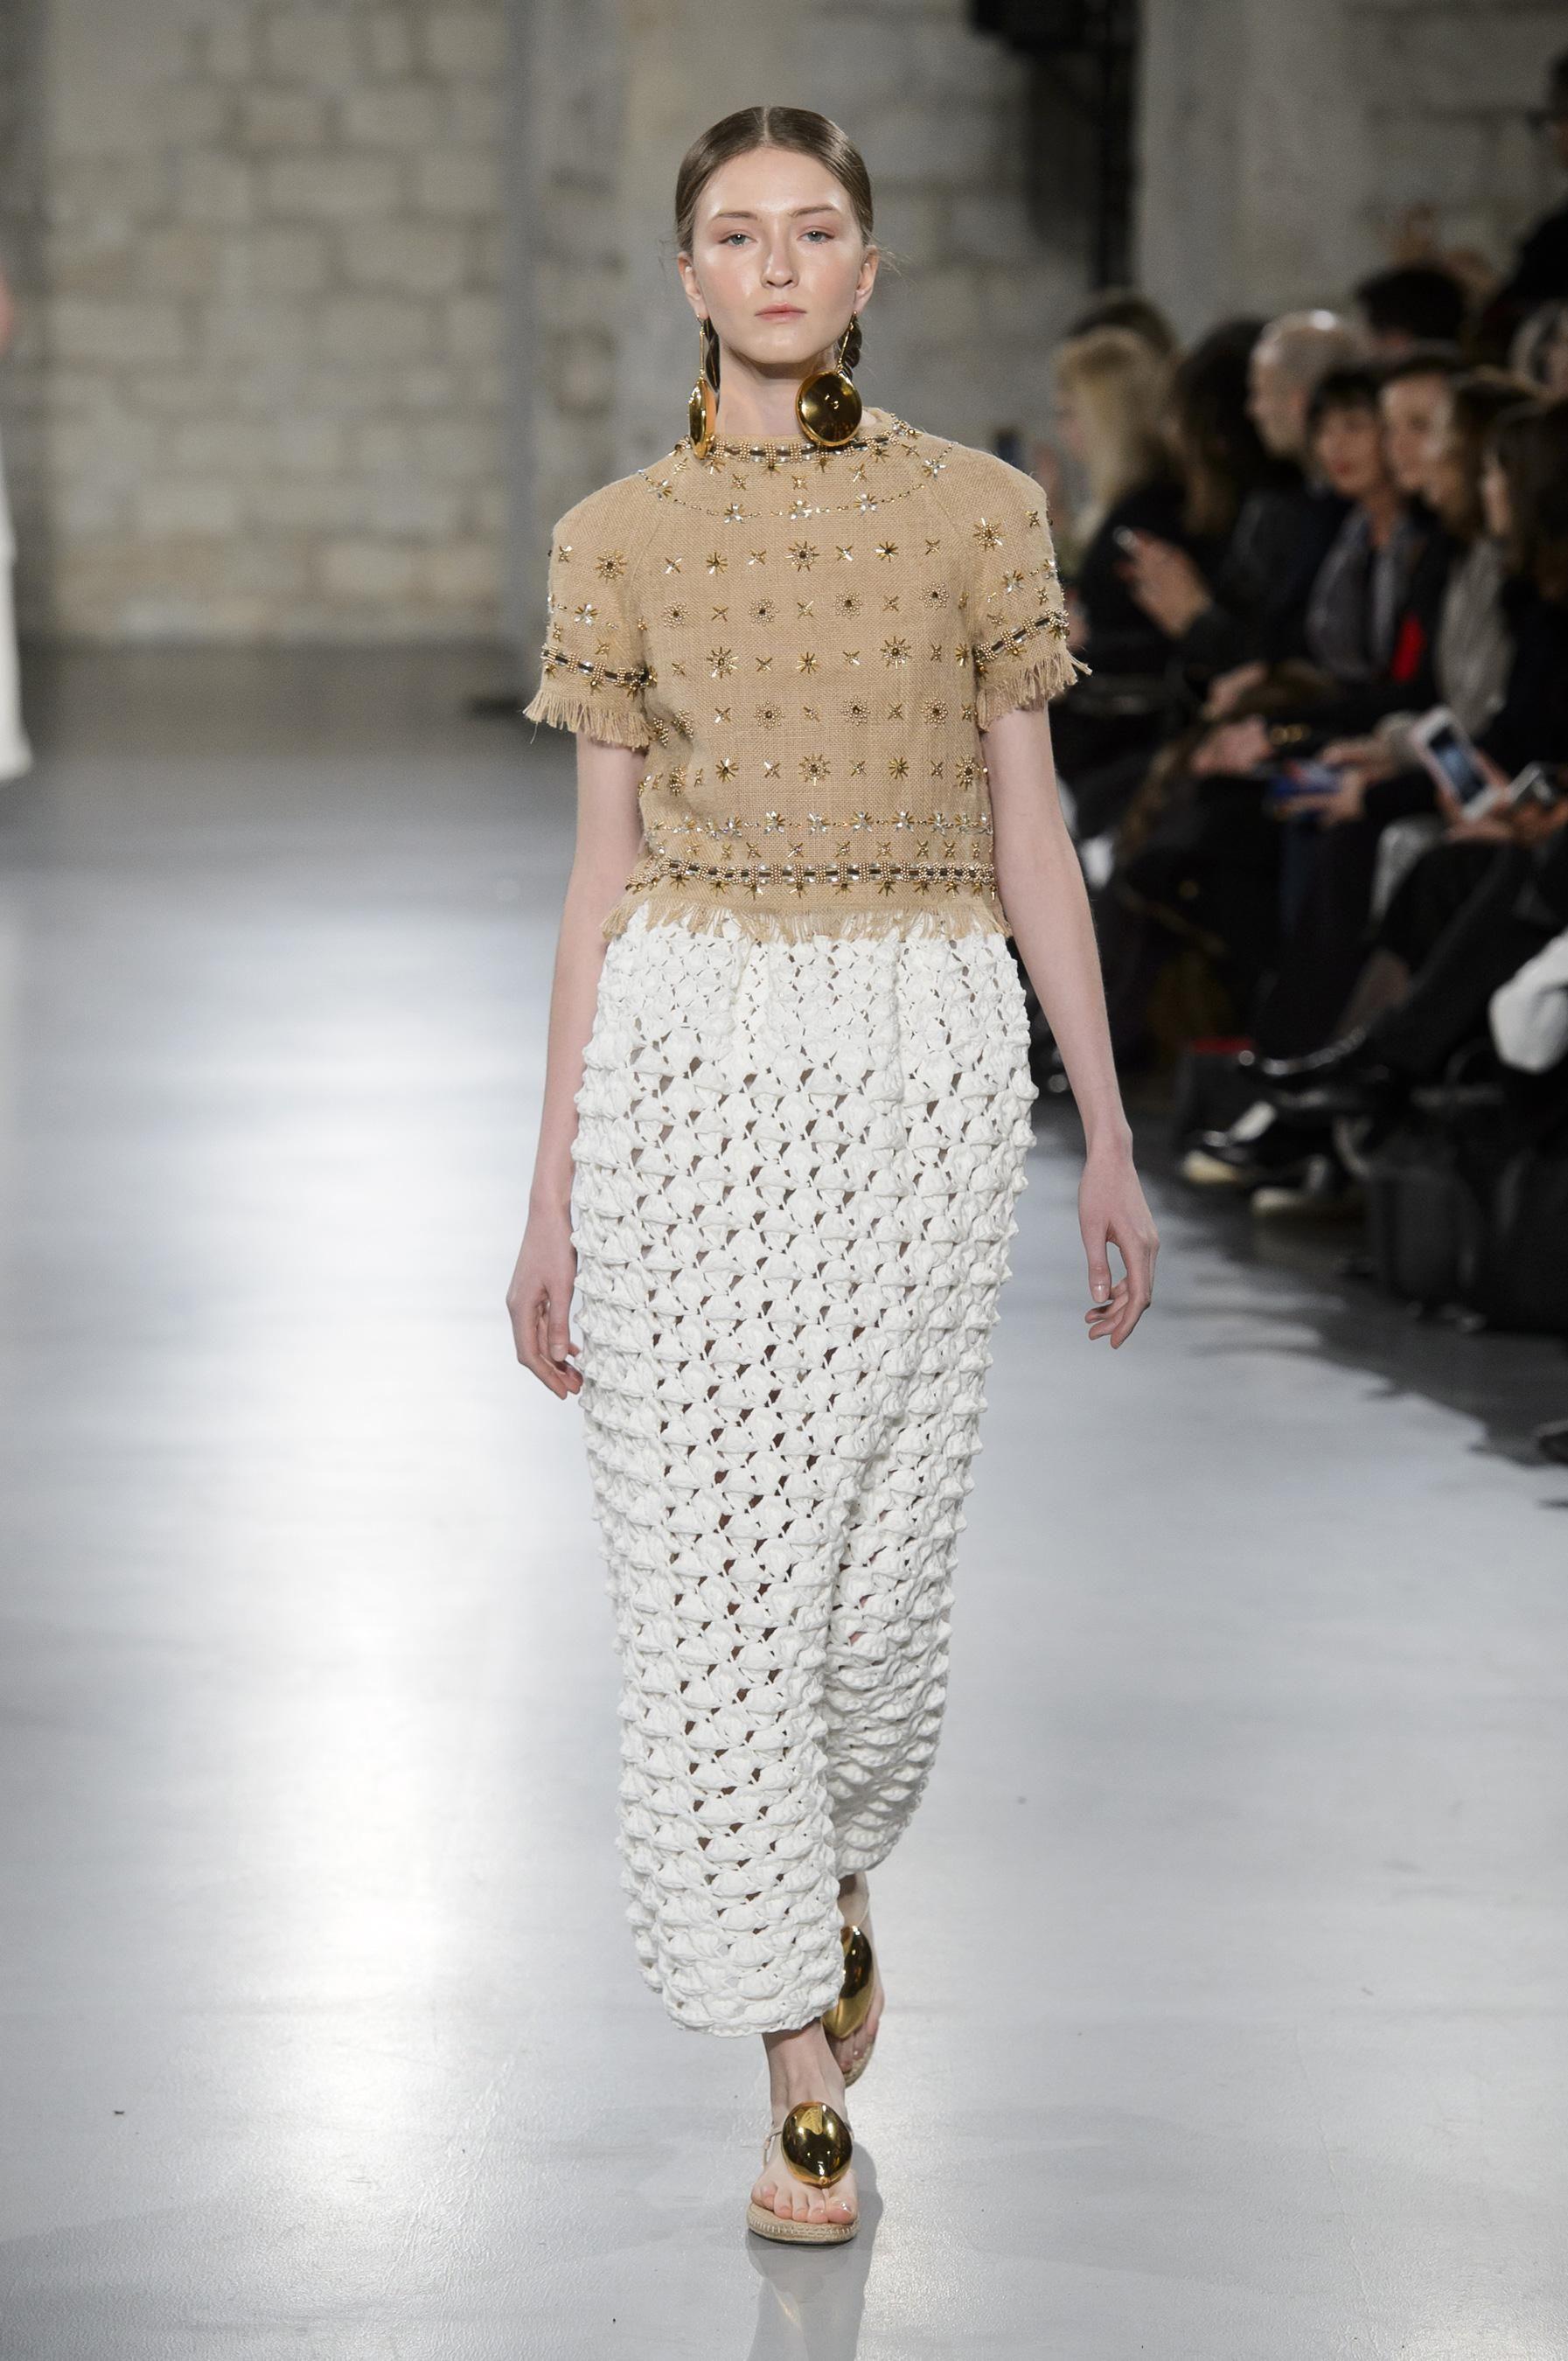 38a756c36dd Défilé Christophe Josse printemps-été 2018 Couture - Madame Figaro